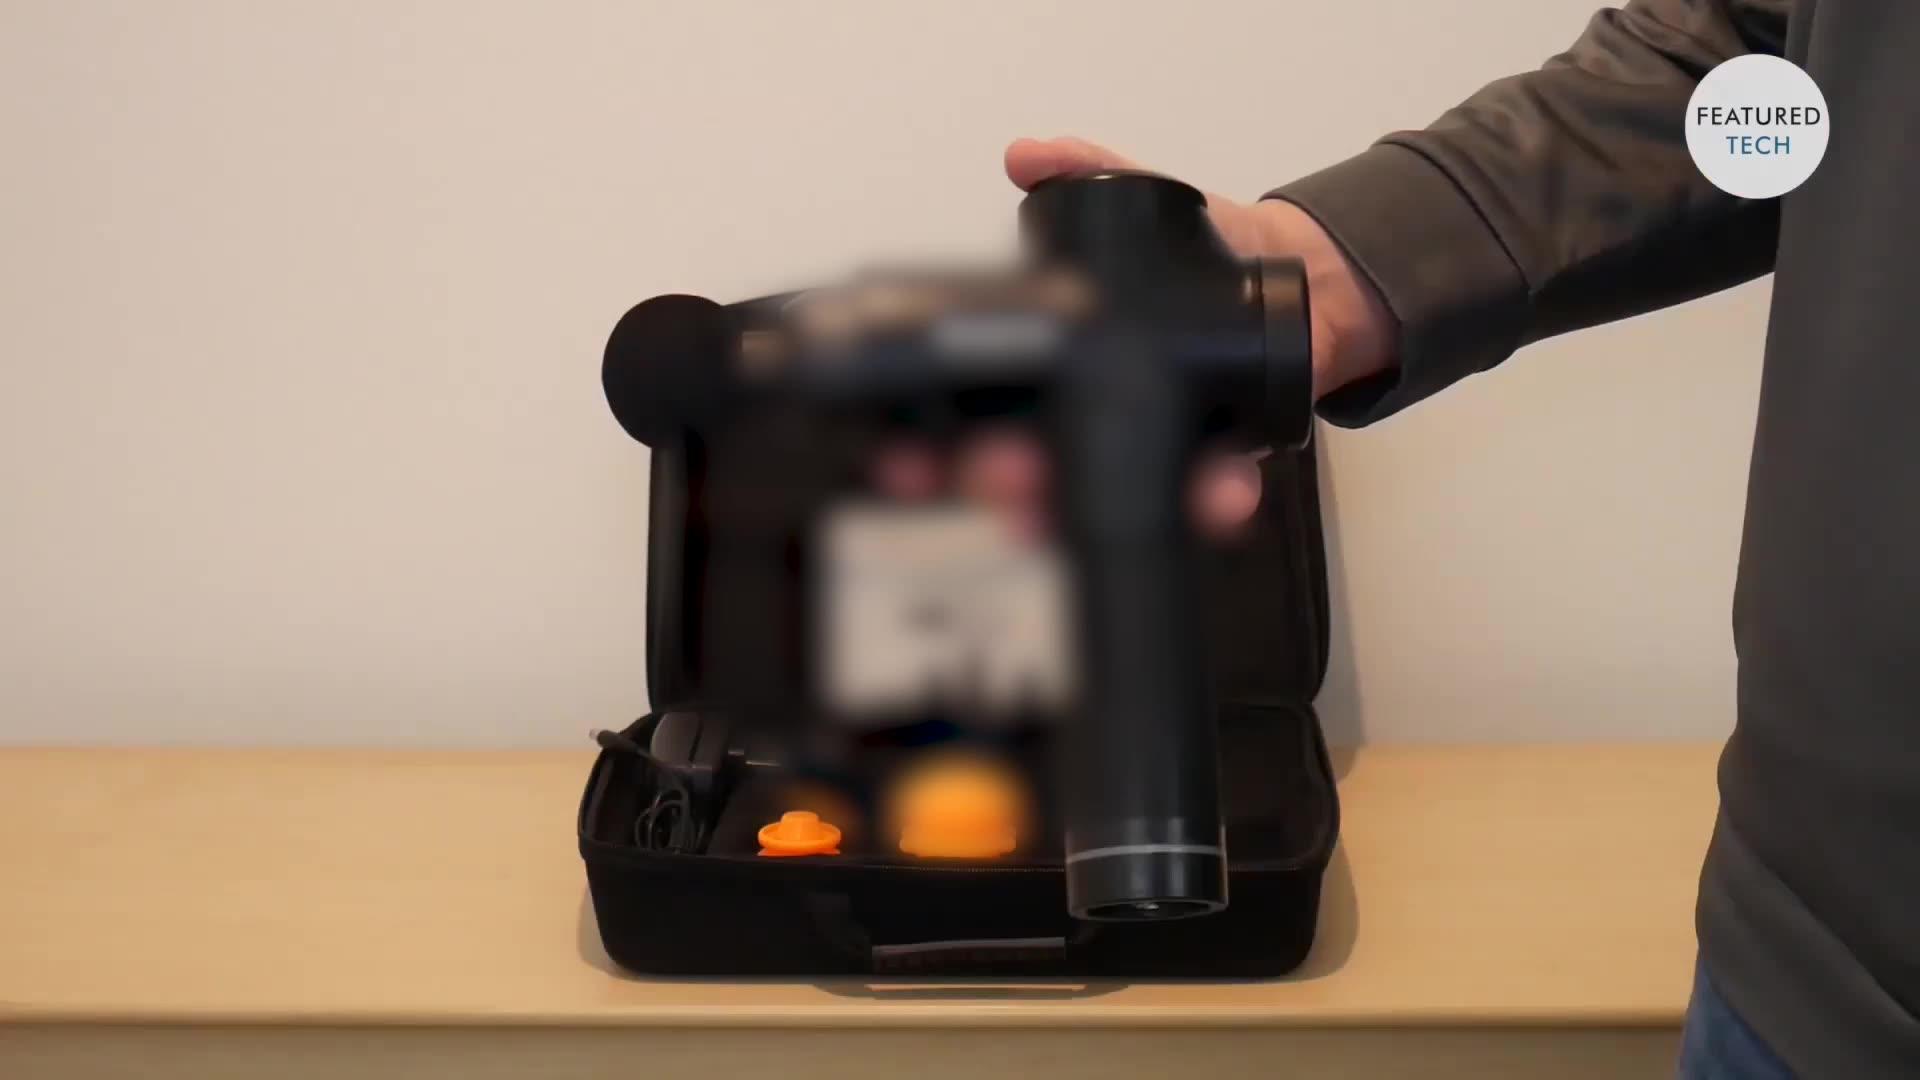 Süper sessiz fırçasız motor derin doku perküsyon kas masajı, el elektrikli vücut masaj aleti tabancası.